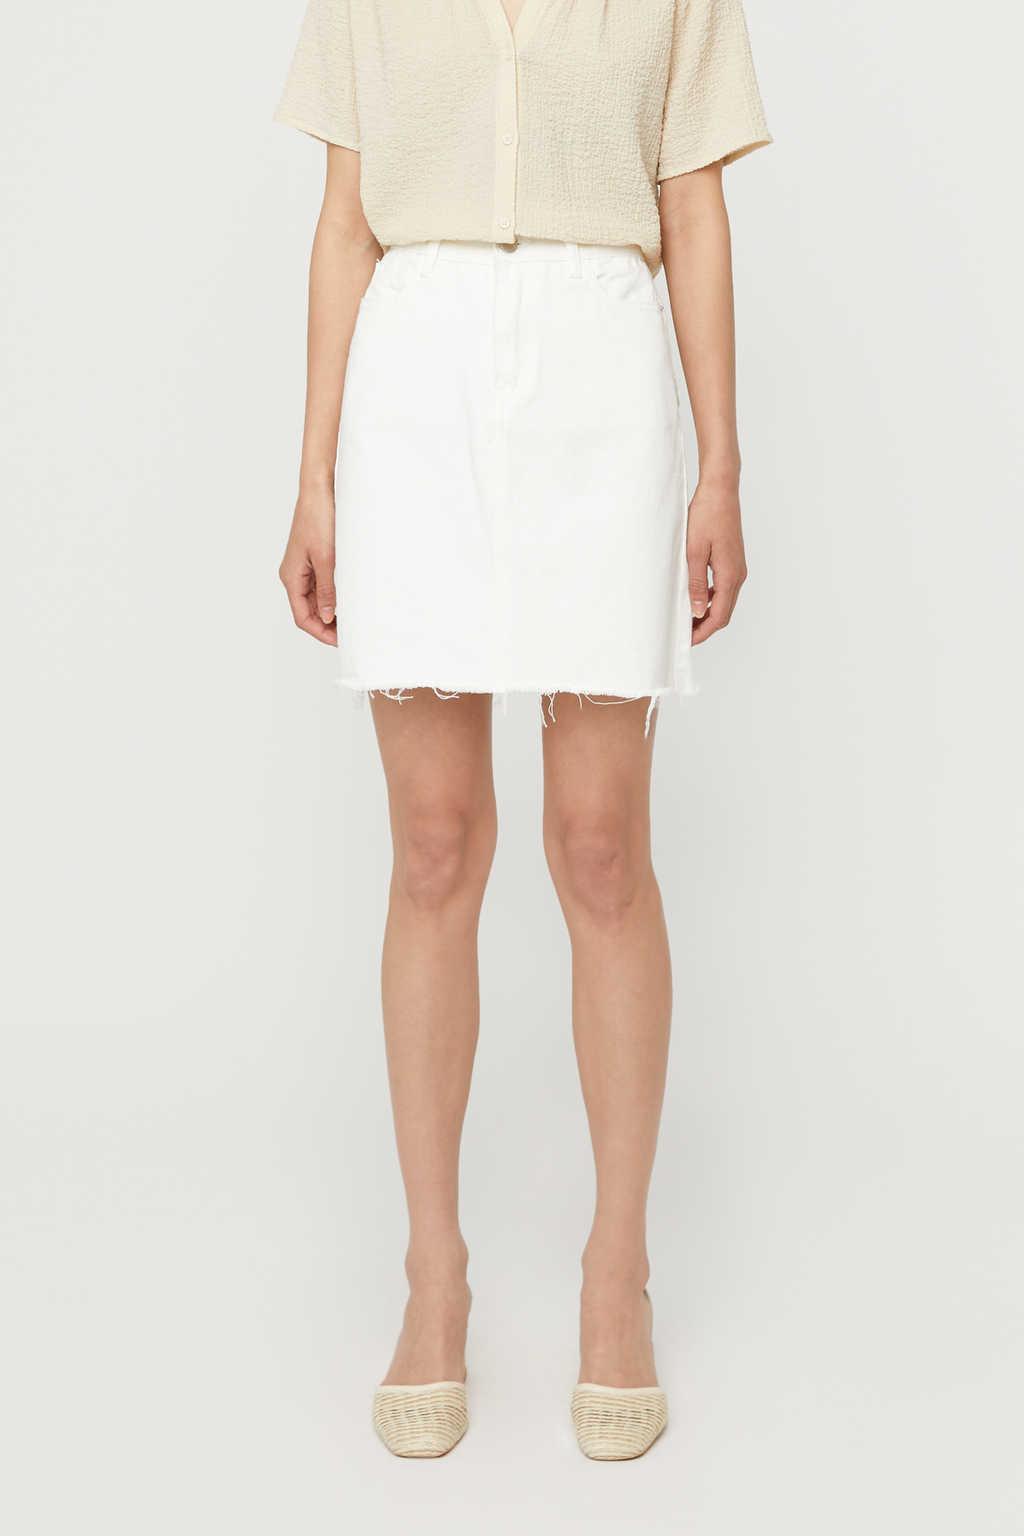 Skirt K011 White 3